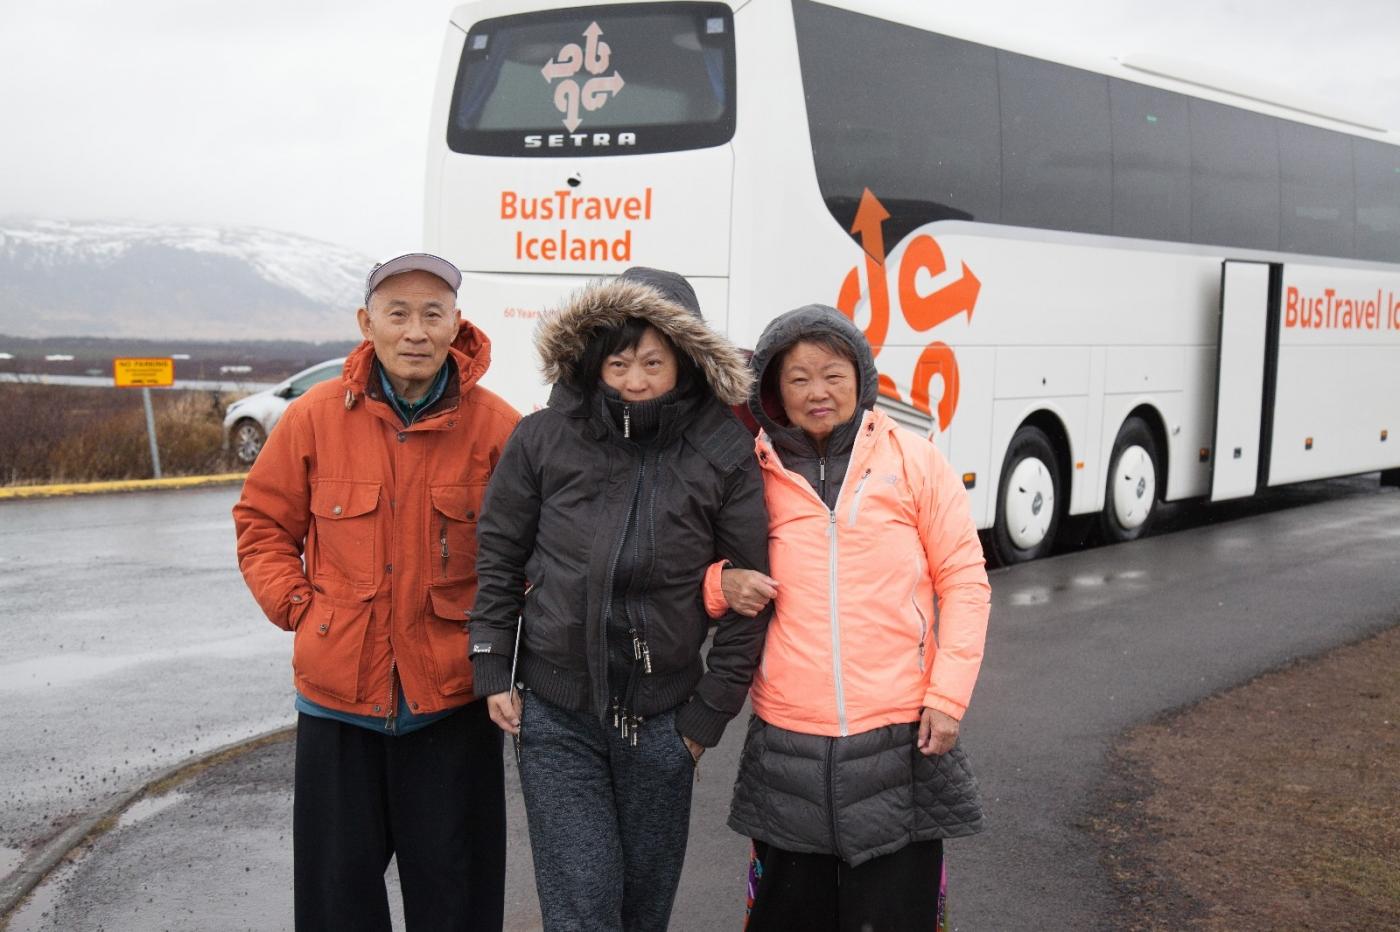 冰岛异国风情_图1-5